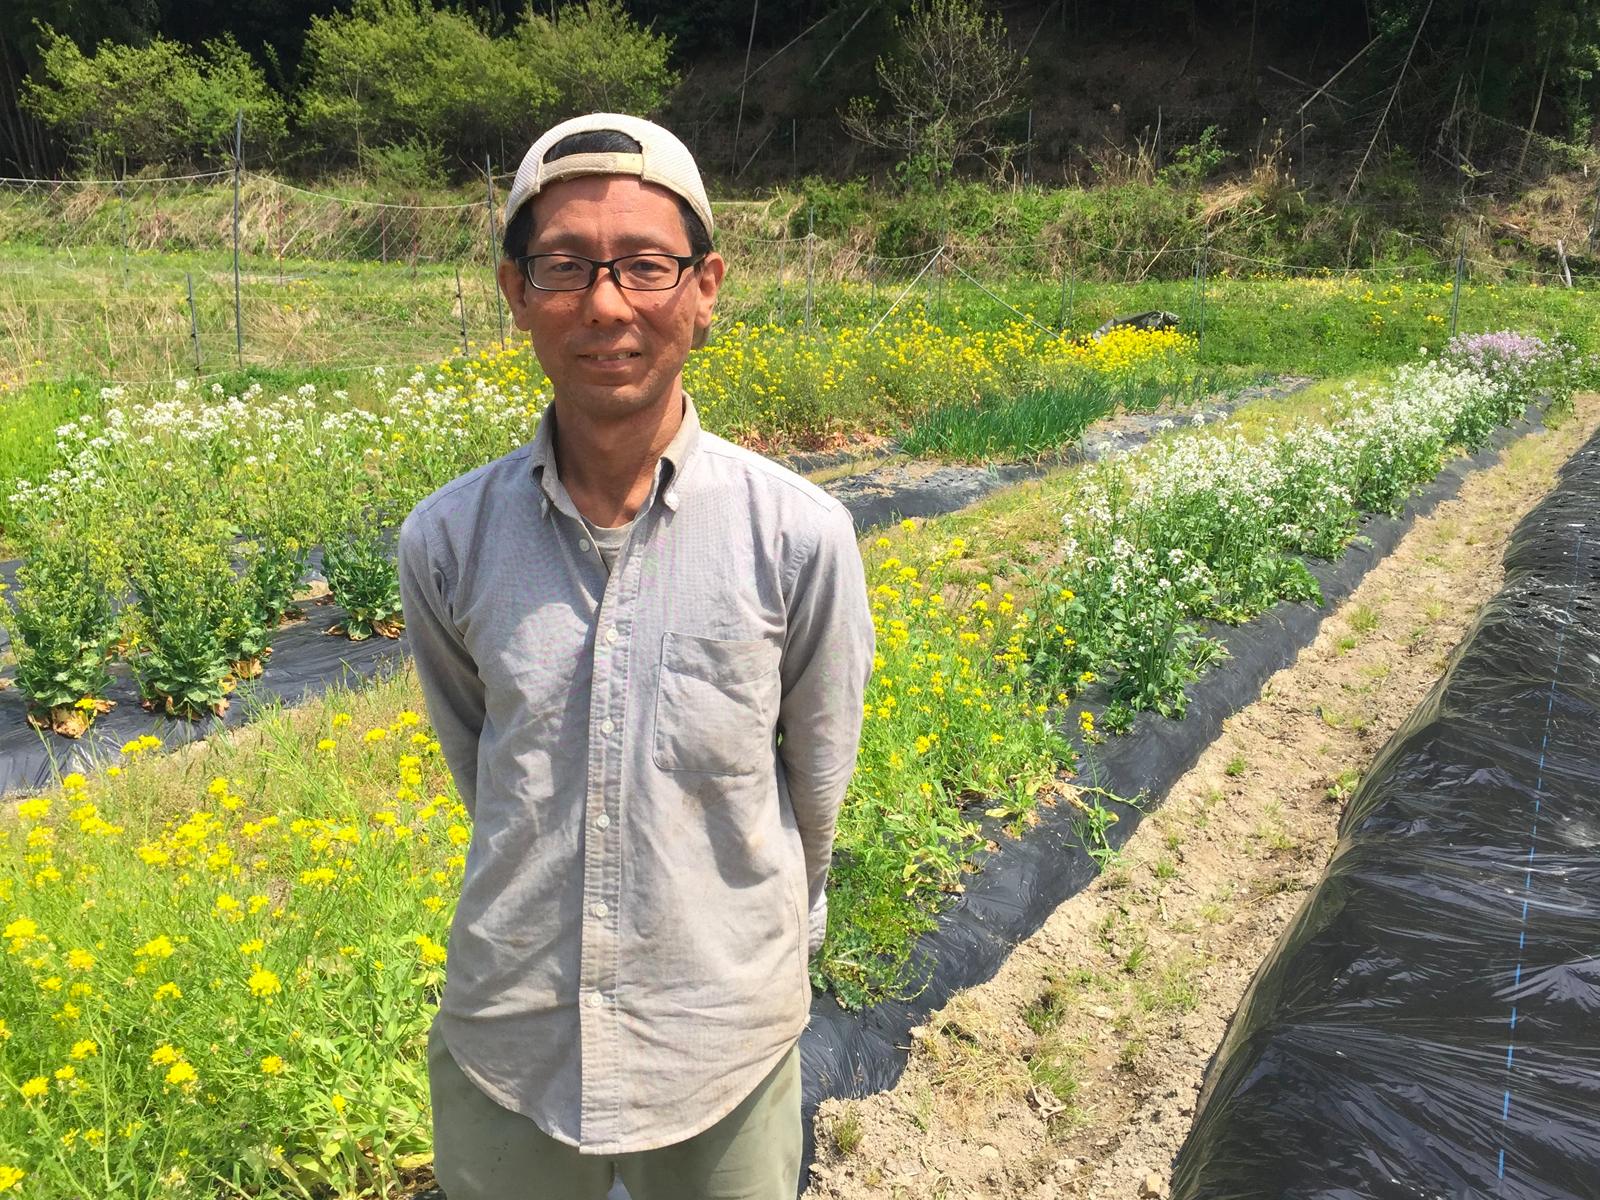 農家 × 自然料理人の高橋シェフ。六本木・銀座のレストランで活躍後京都へ移住。自ら栽培したオーガニック栽培の作物を使い、カリフォルニアスタイルのマクロビオティック料理を日本各地で提供しています。